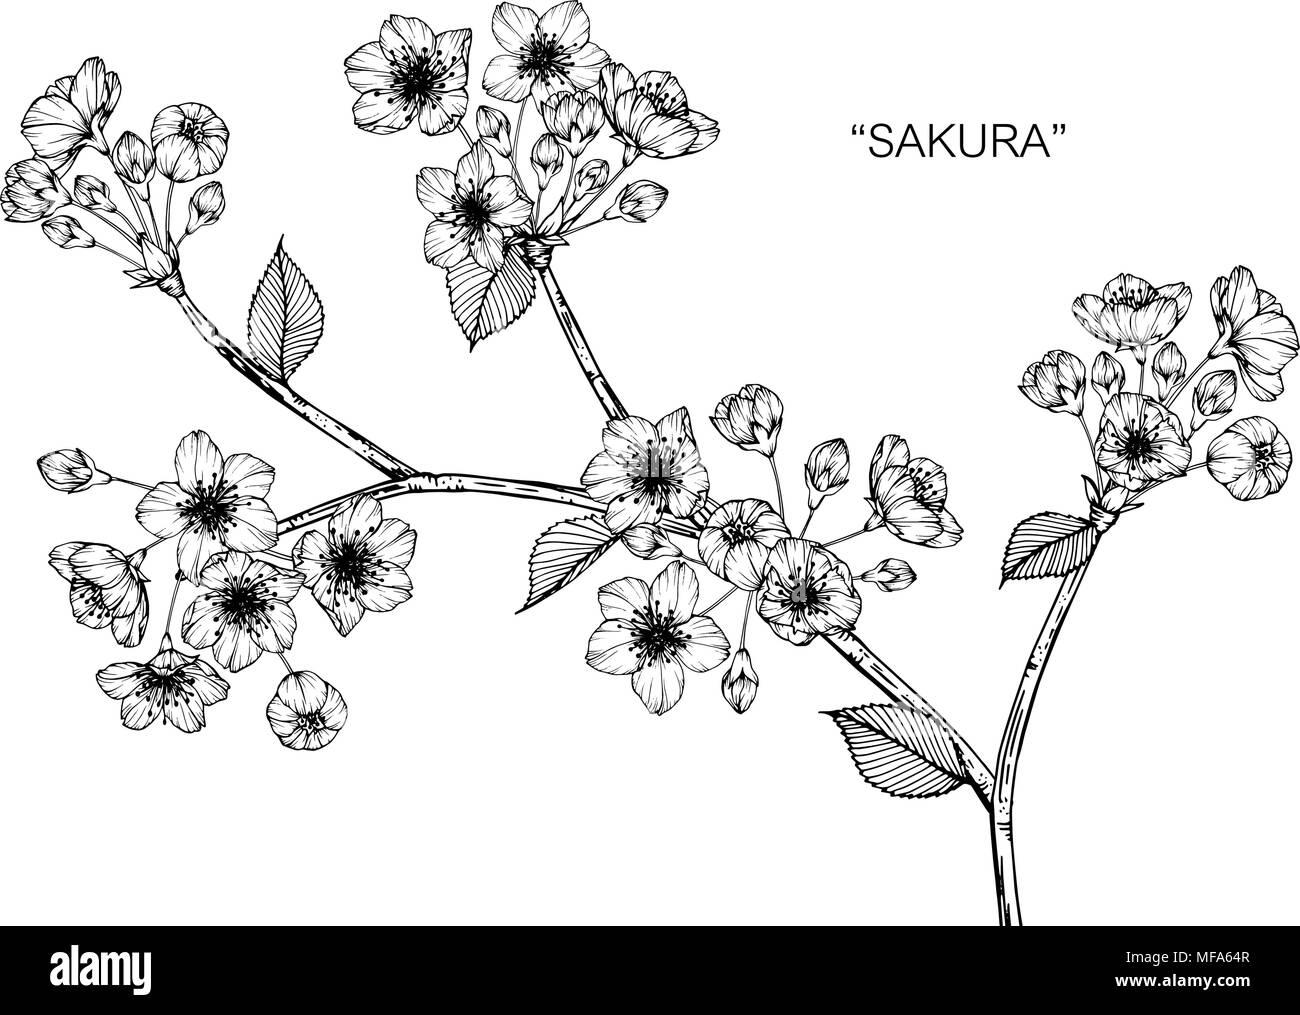 Dessin Fleur Sakura Illustration Noir Et Blanc Avec Dessin